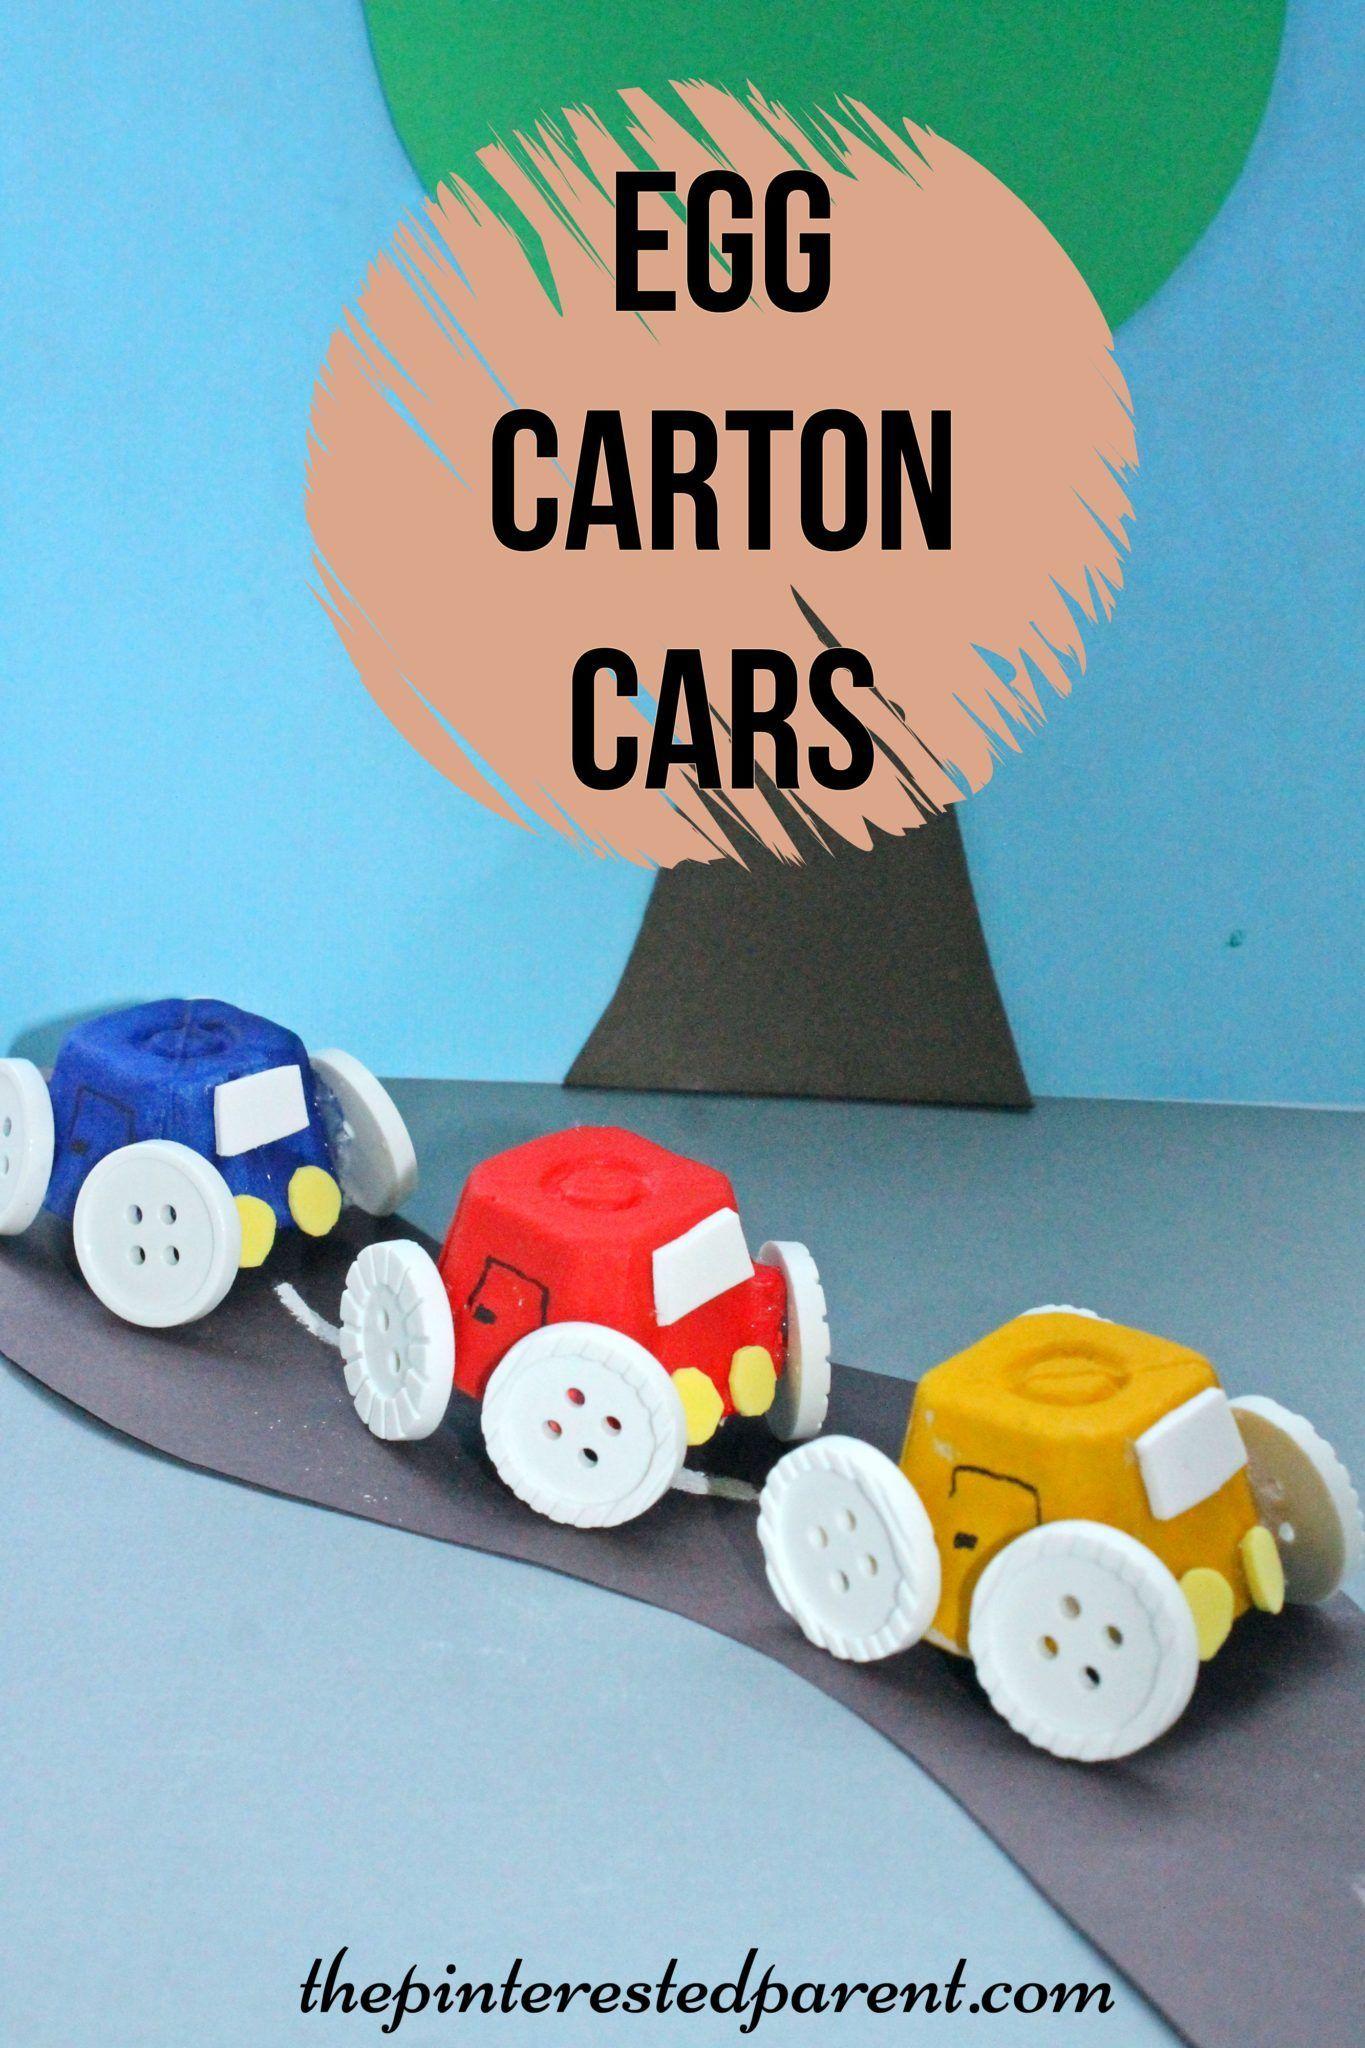 Egg Carton Cars Crafts Kids Pinterest Crafts For Kids Crafts